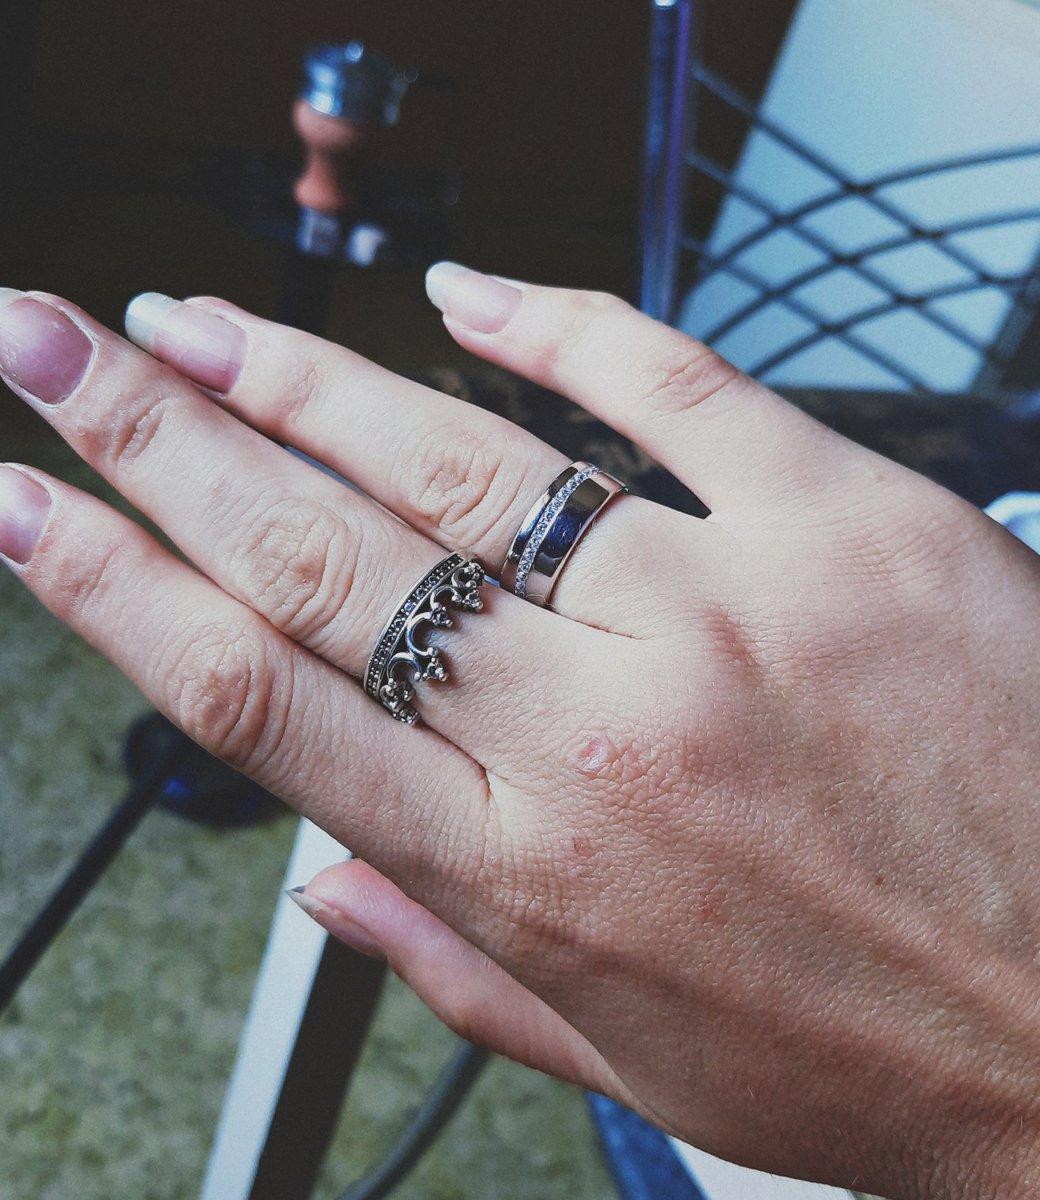 Любимый сделал предложение этим кольцом